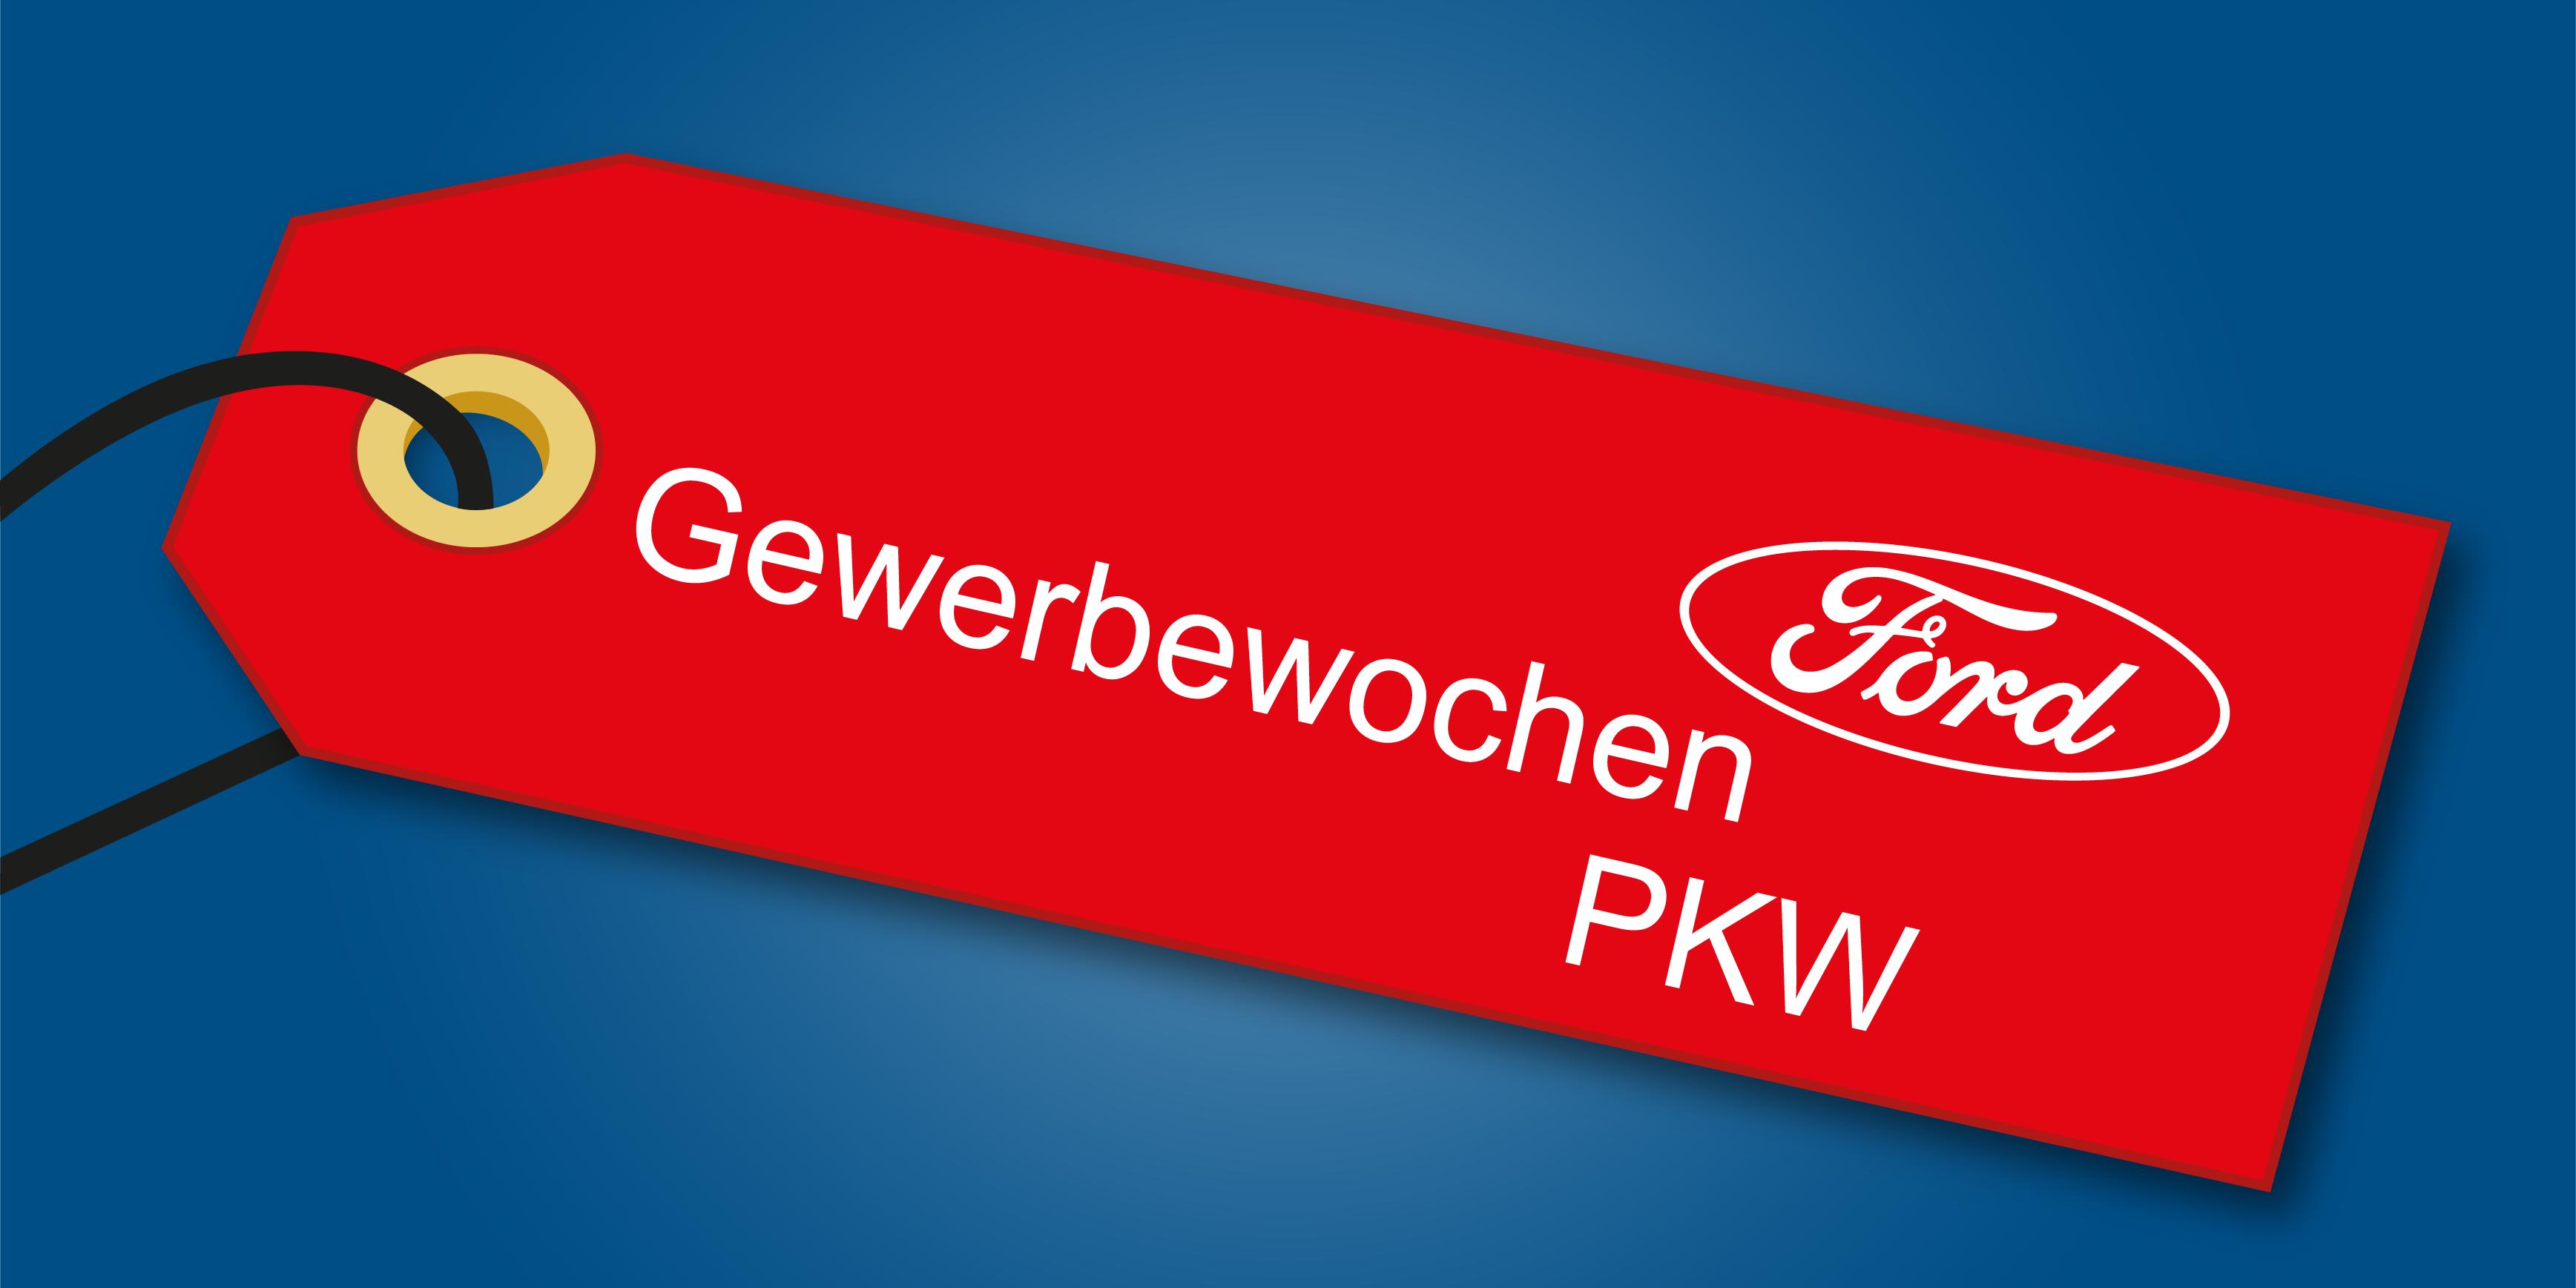 Angebot Ford Gewerbewochen PKW bei Auto Jochem